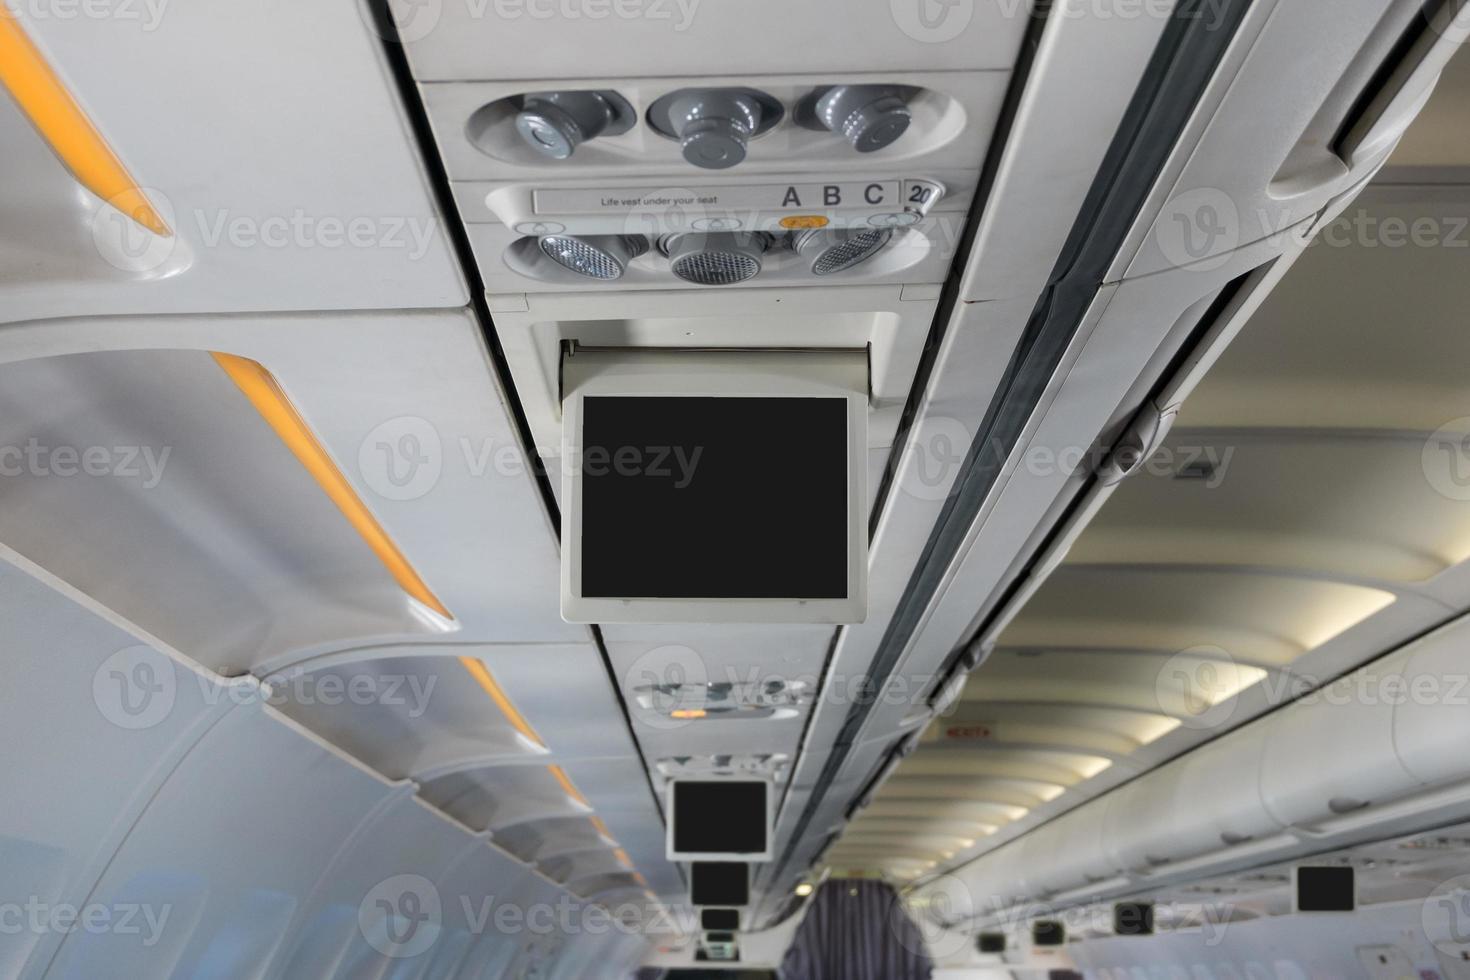 övervaka över huvudet i flygplan foto